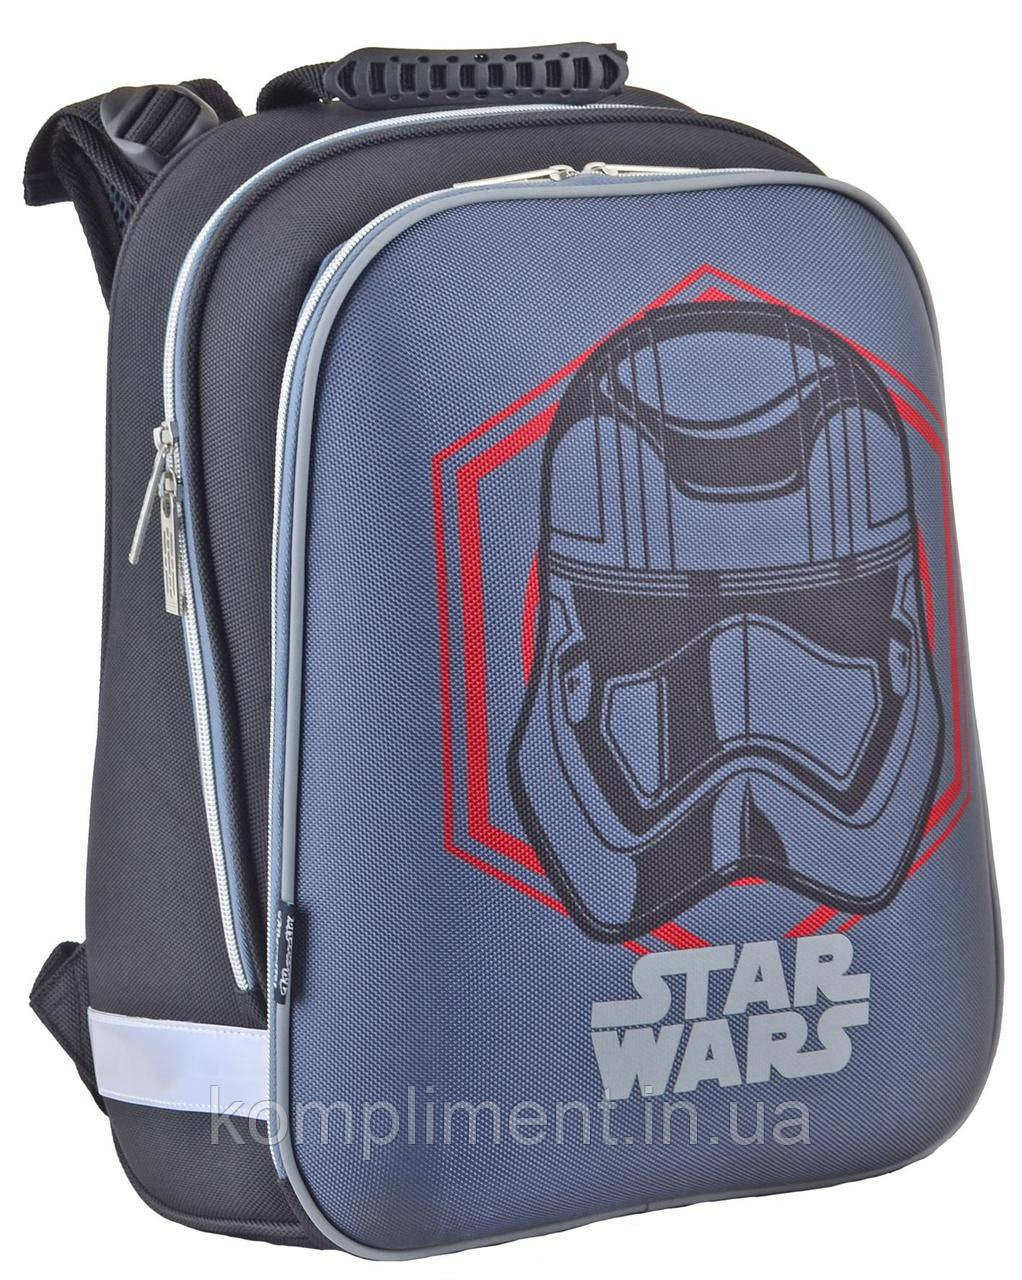 Ранец школьный жестко-каркасный  H-12 Star Wars, 38*29*15, 1Вересня